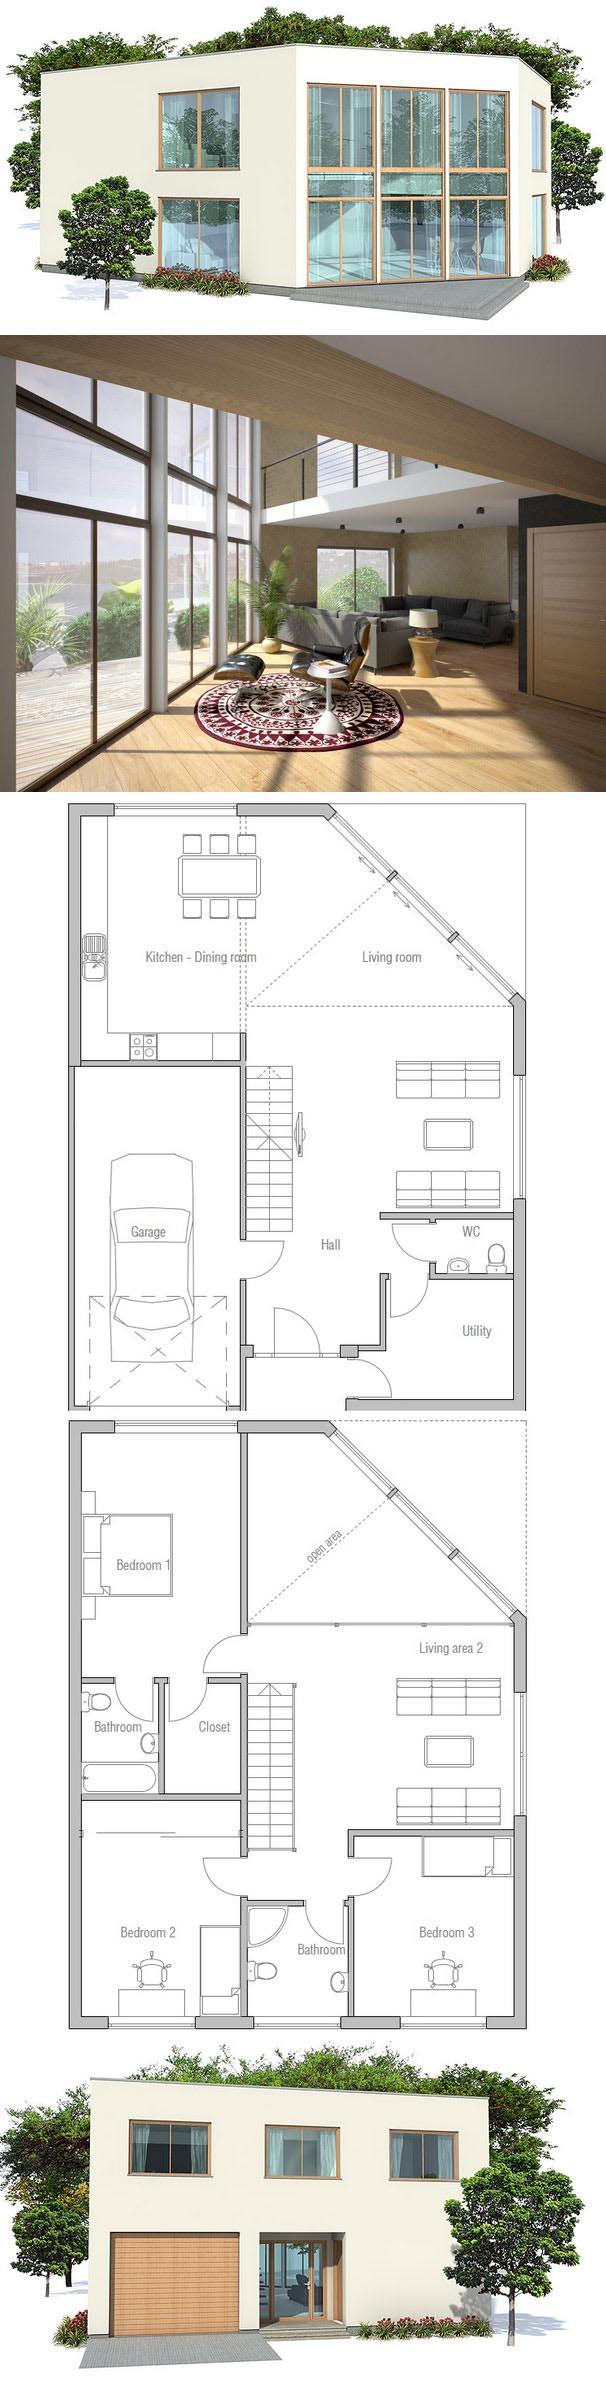 Plan De Maison Ch160 New House Plans Contemporary House Plans Architecture House